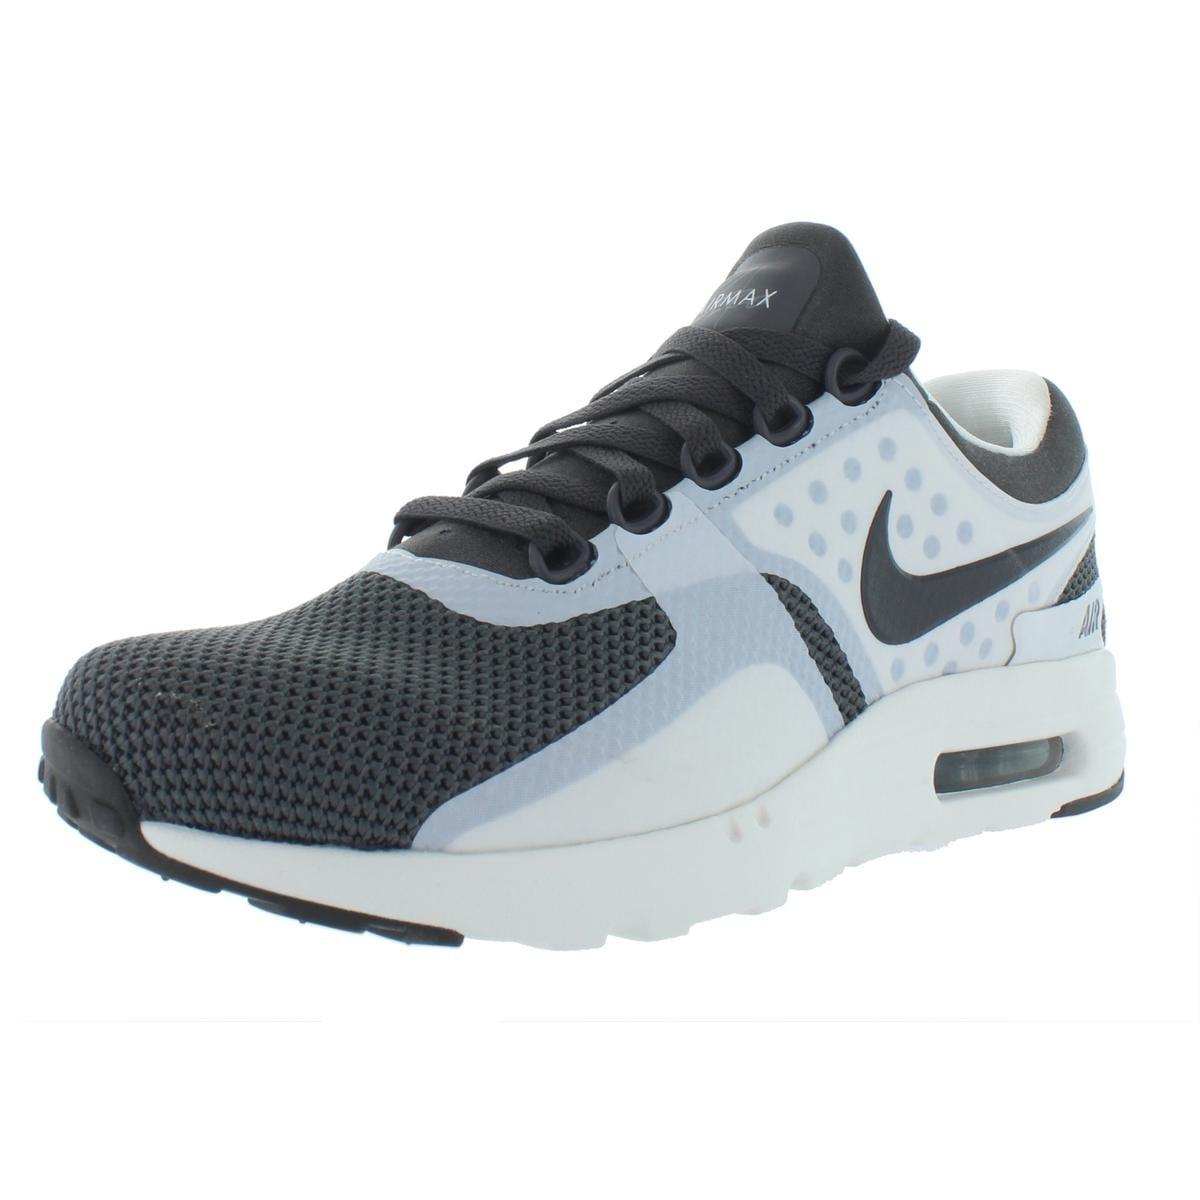 Nike Boys Air Max Zero Essential Gs Trail Running Shoes